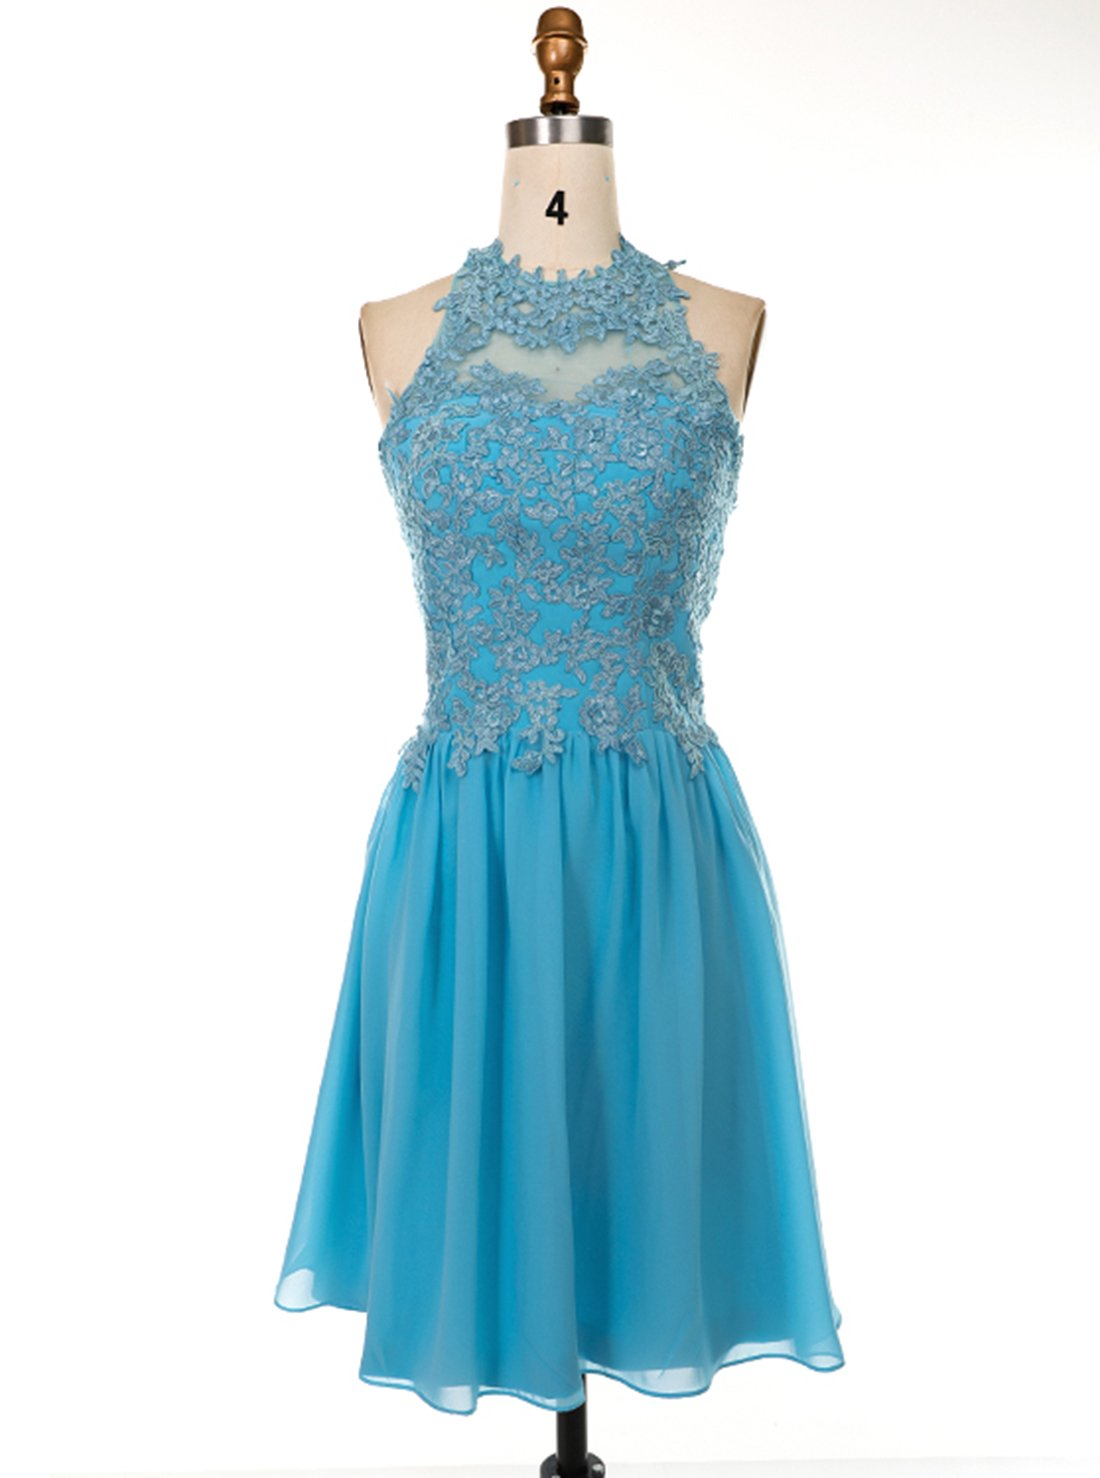 Chiffon Short Homecoming Dress